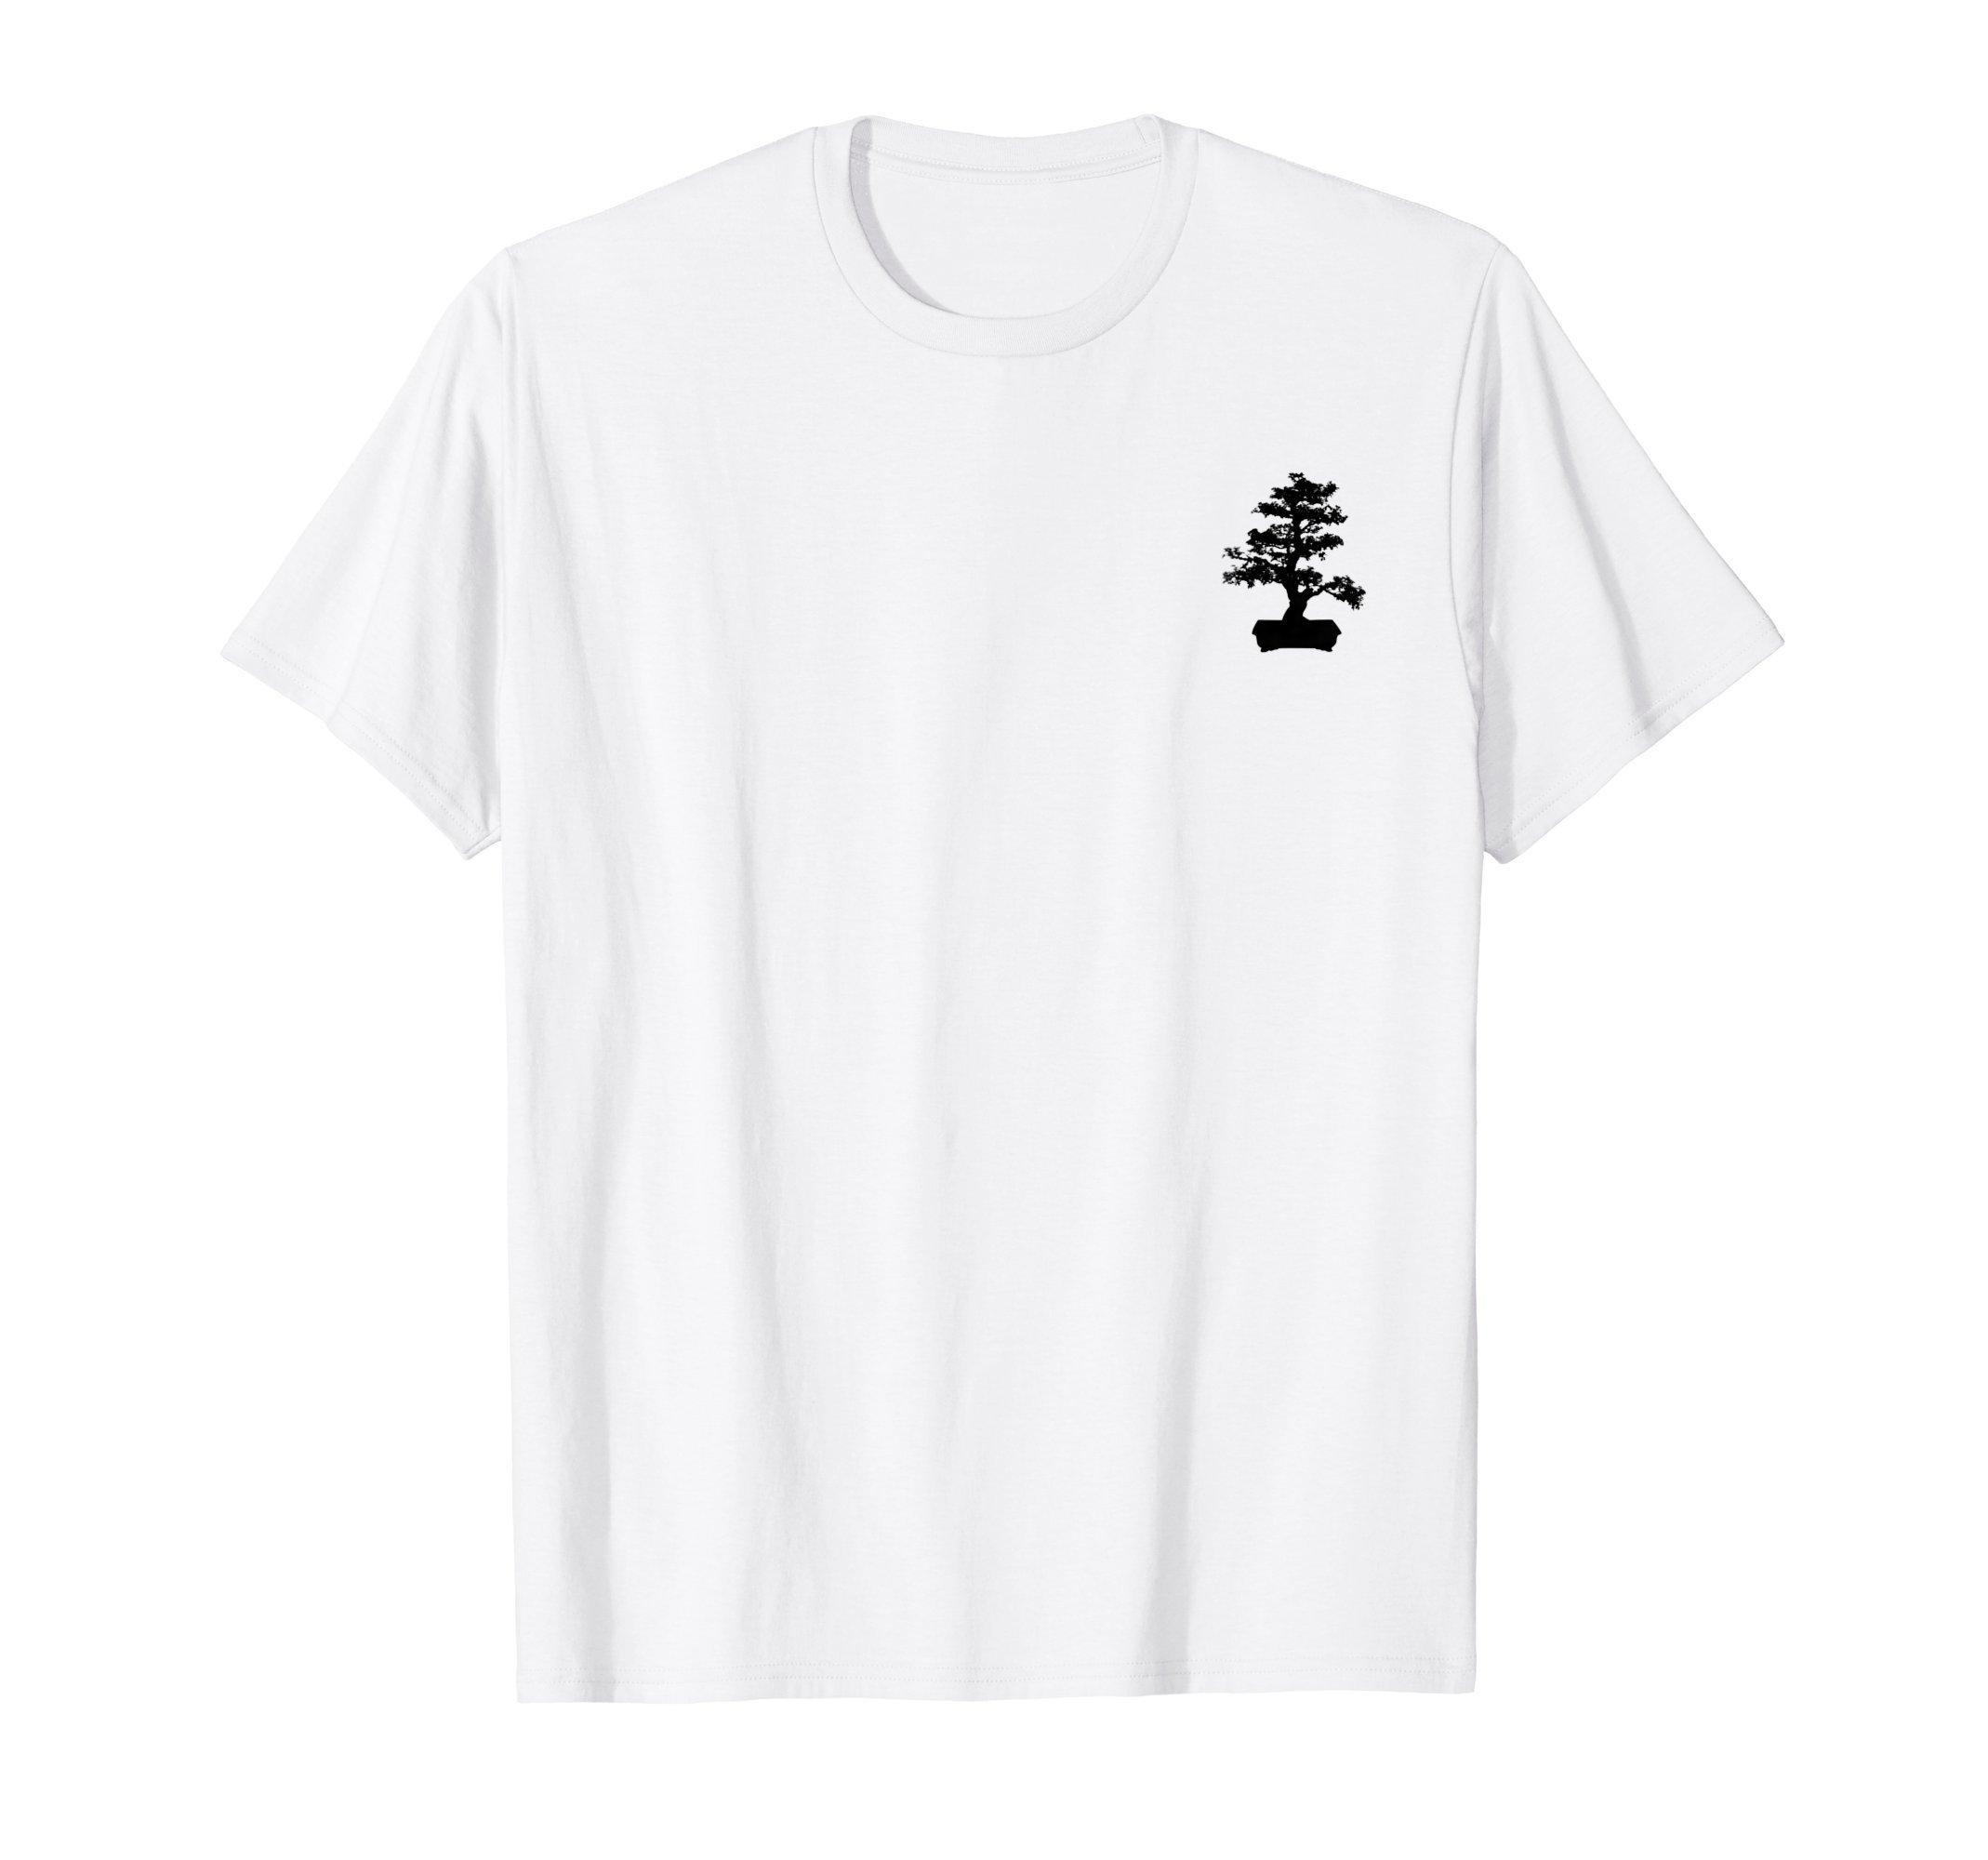 Bonsai Tree silhouette small chest logo by Plant life Tshirts